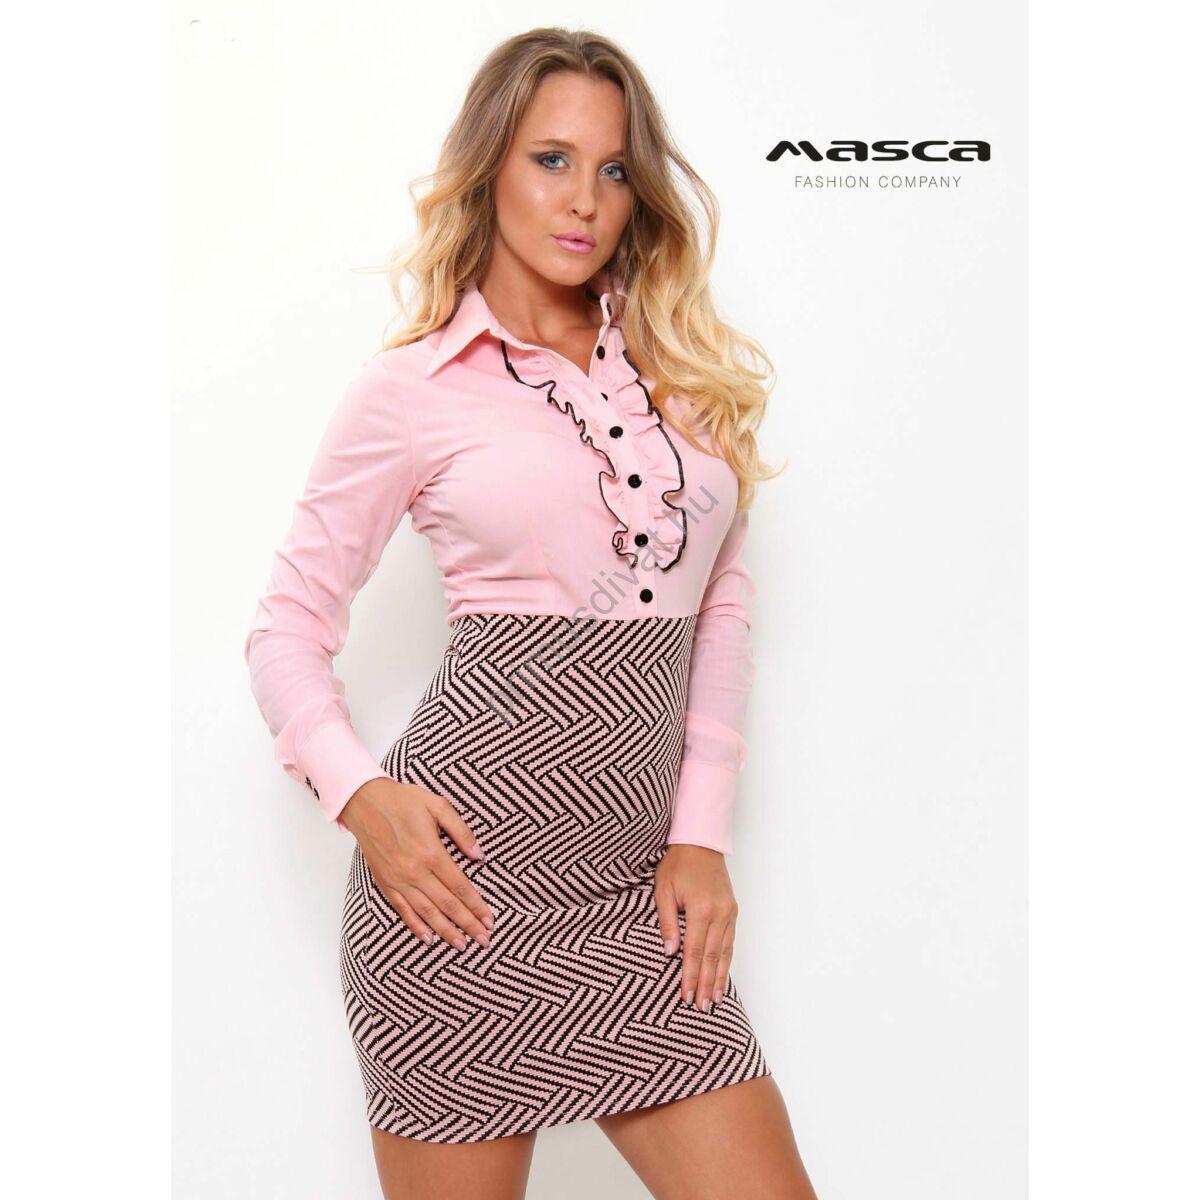 4da1010377 Kép 1/1 - Masca Fashion inggalléros, fodorszegélyes gombolópántos rózsaszín  rugalmas miniruha, fekete mintás alja-résszel